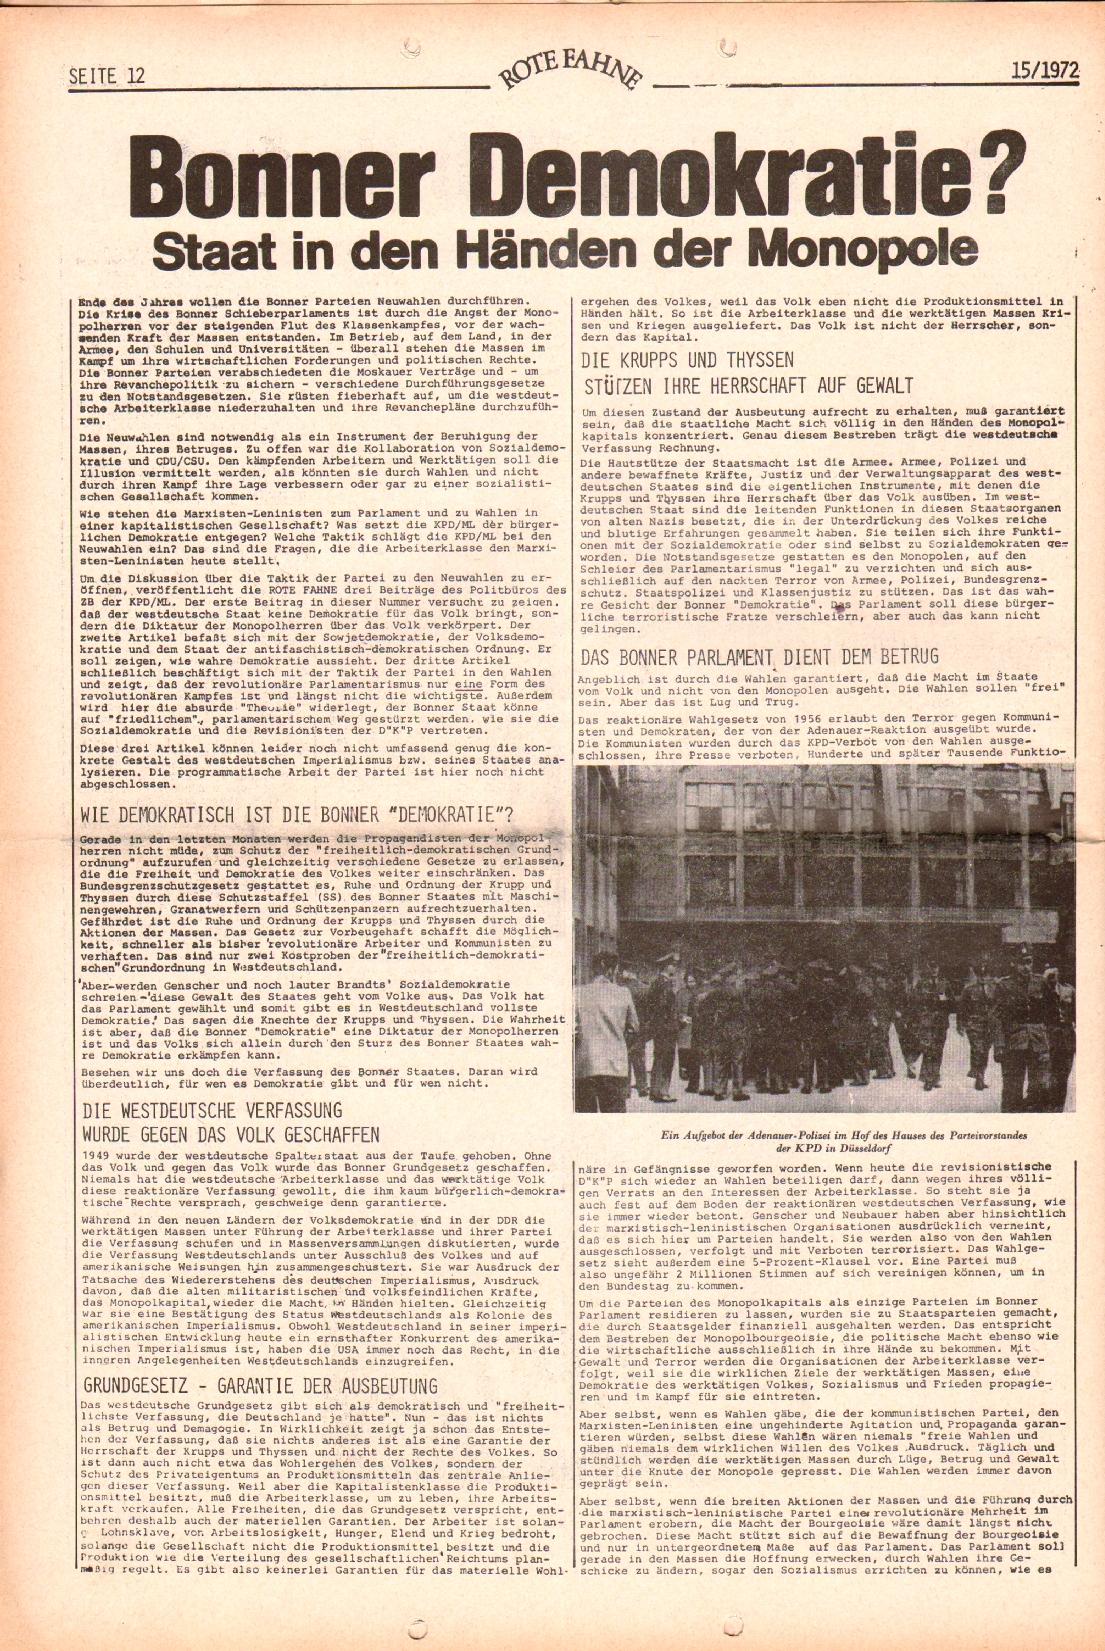 Rote Fahne, 3. Jg., 24.7.1972, Nr. 15, Seite 12